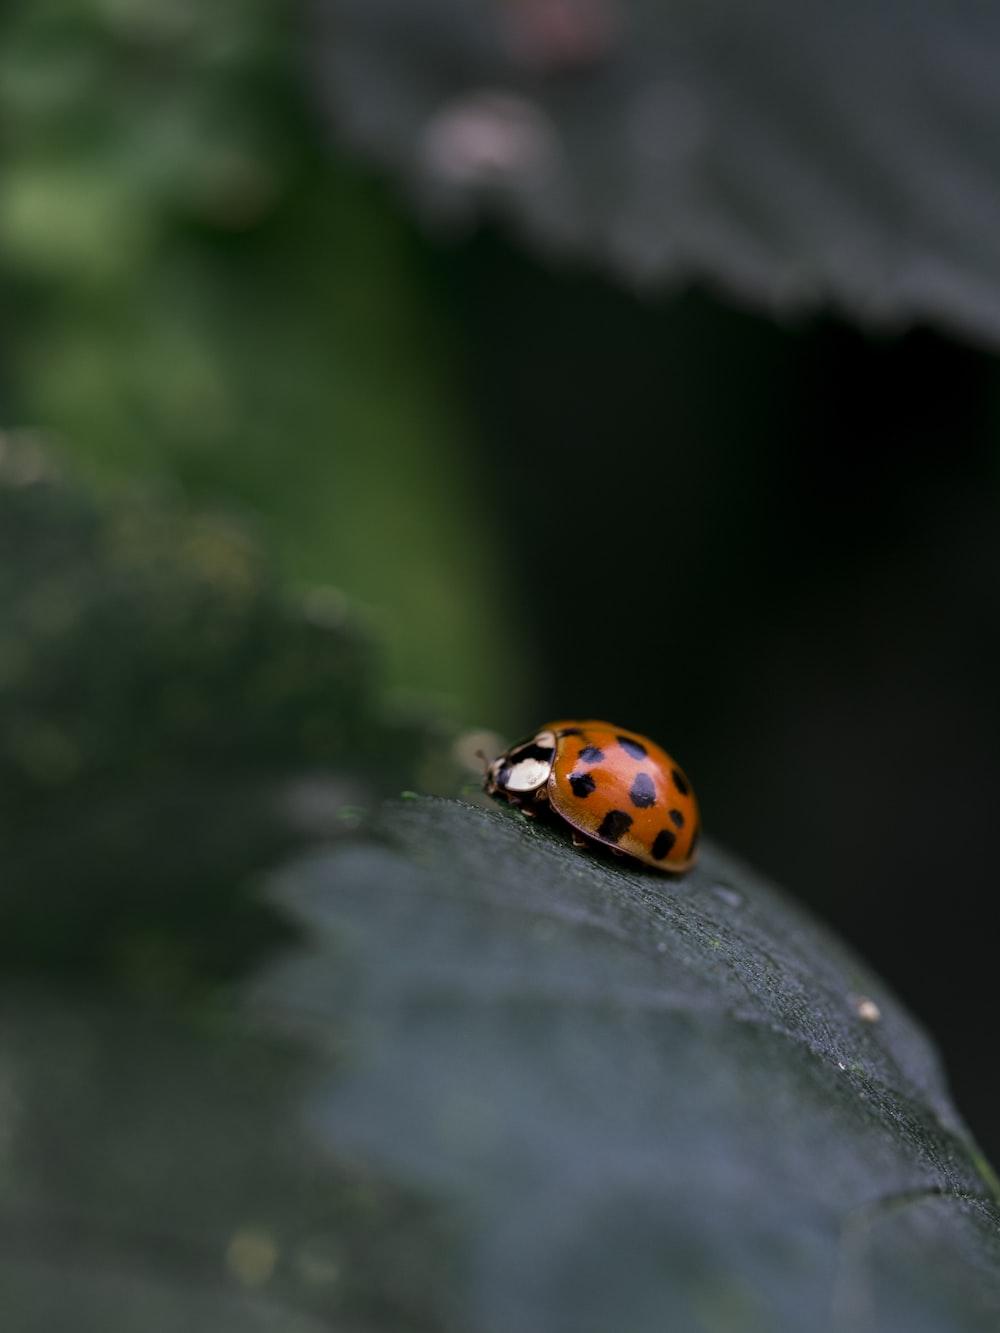 red ladybug on black leaf